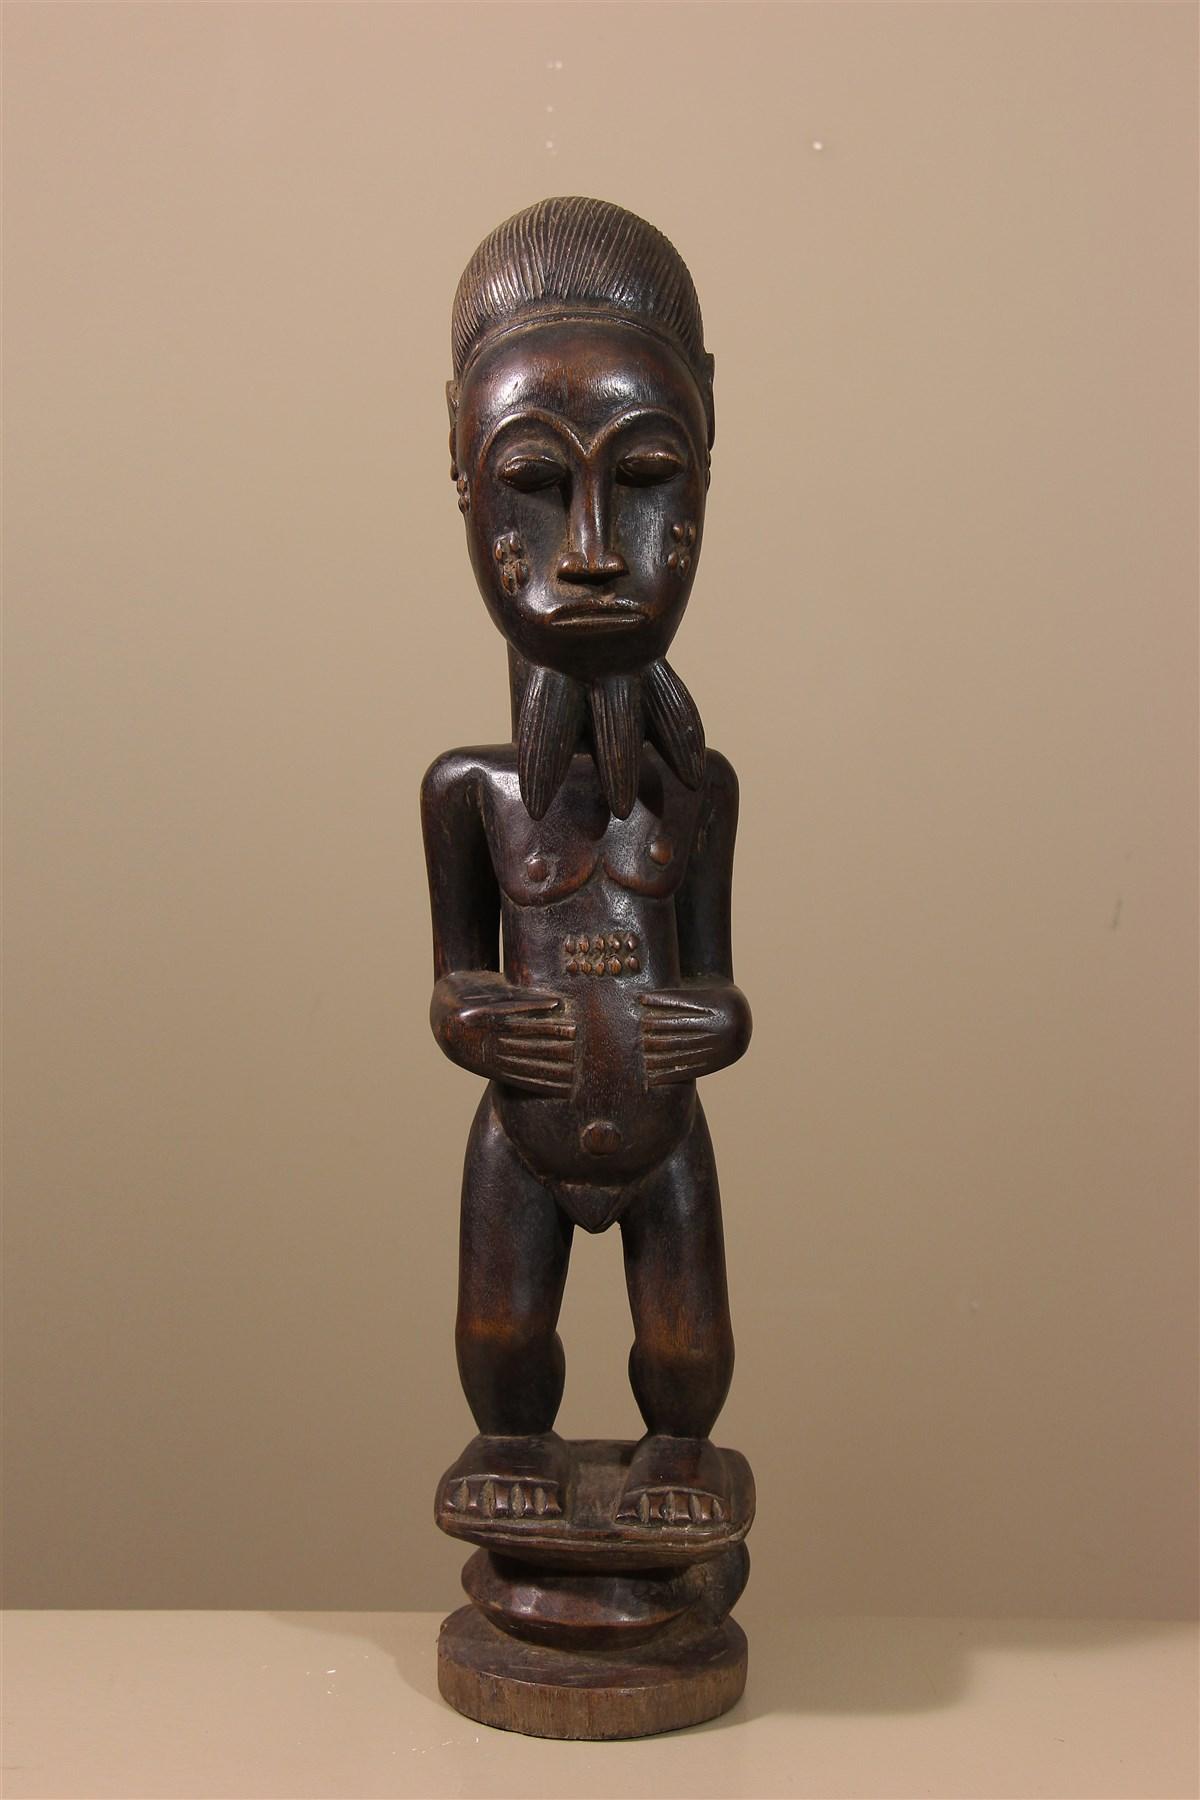 Statue de Côte d'Ivoire, Baoulé, Waka Sona - Déco africaine - Art africain traditionnel